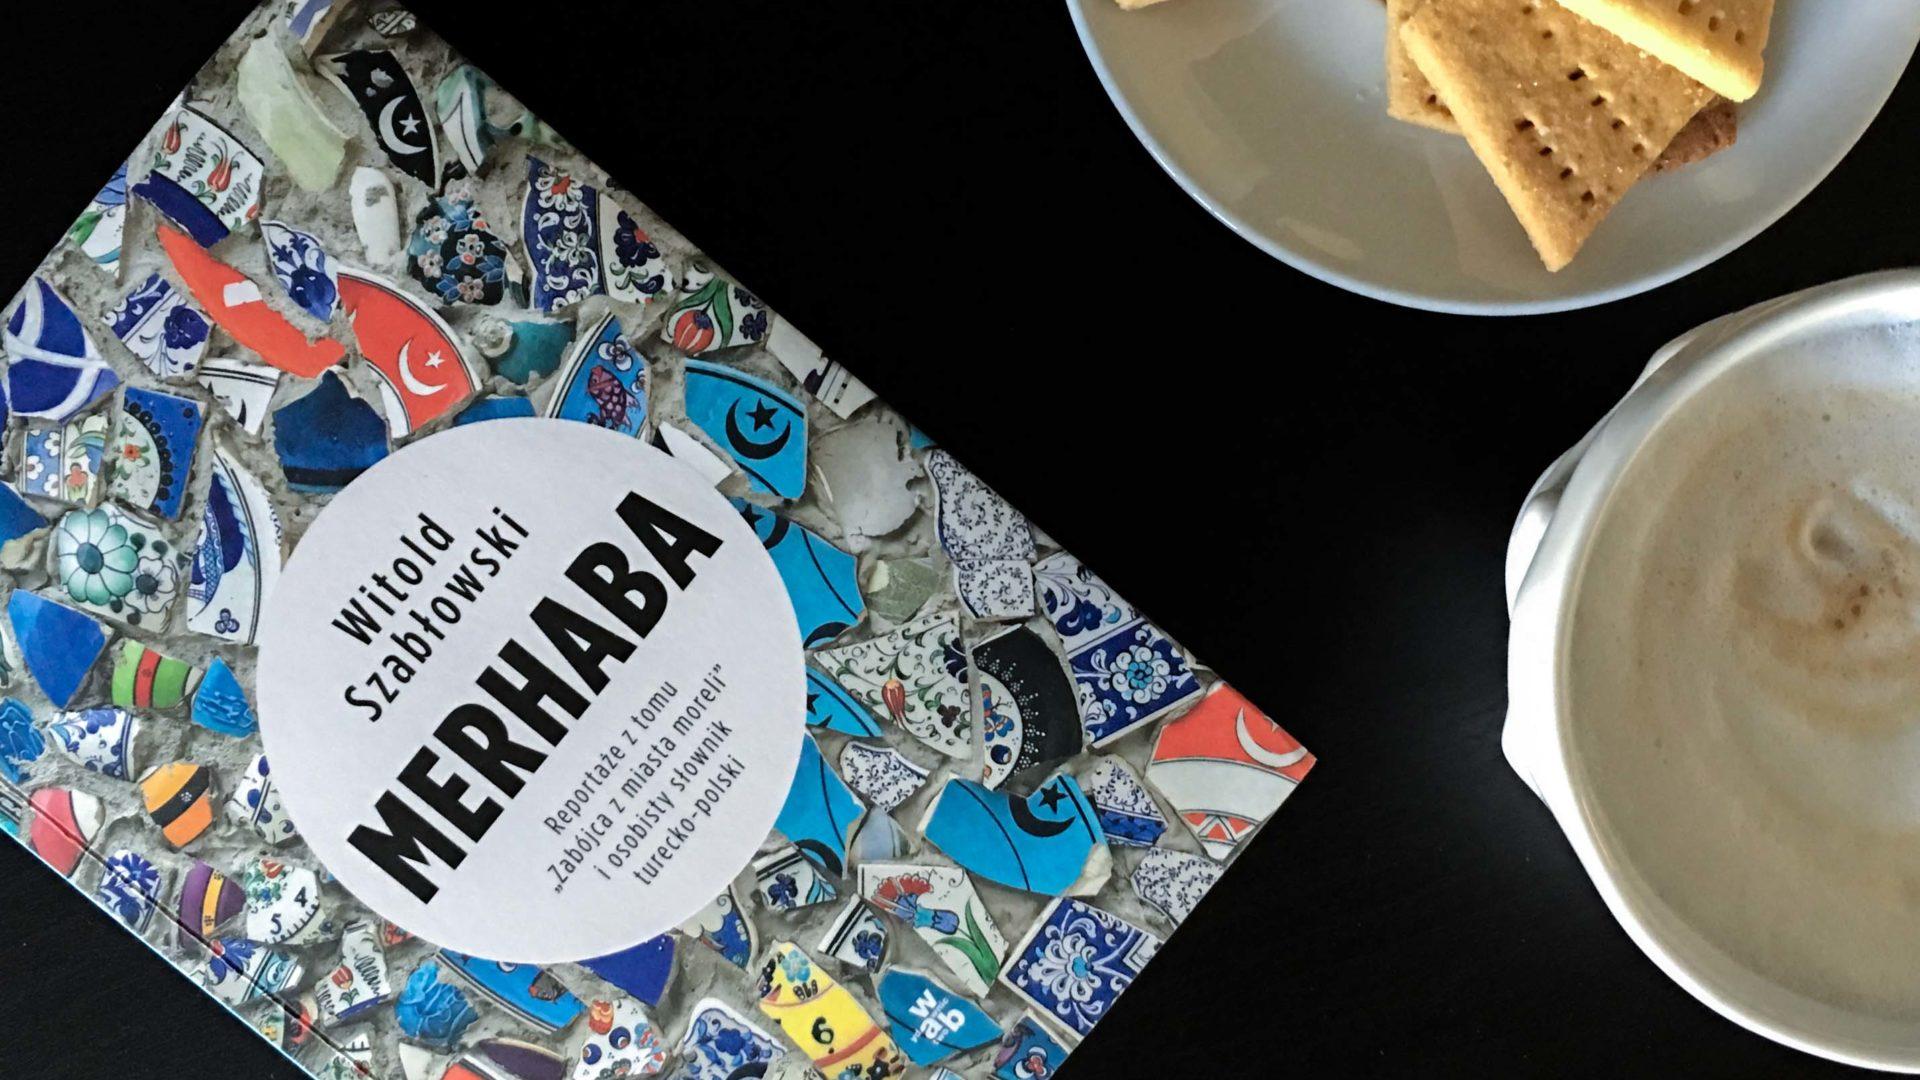 Podróż z książką - Merhaba